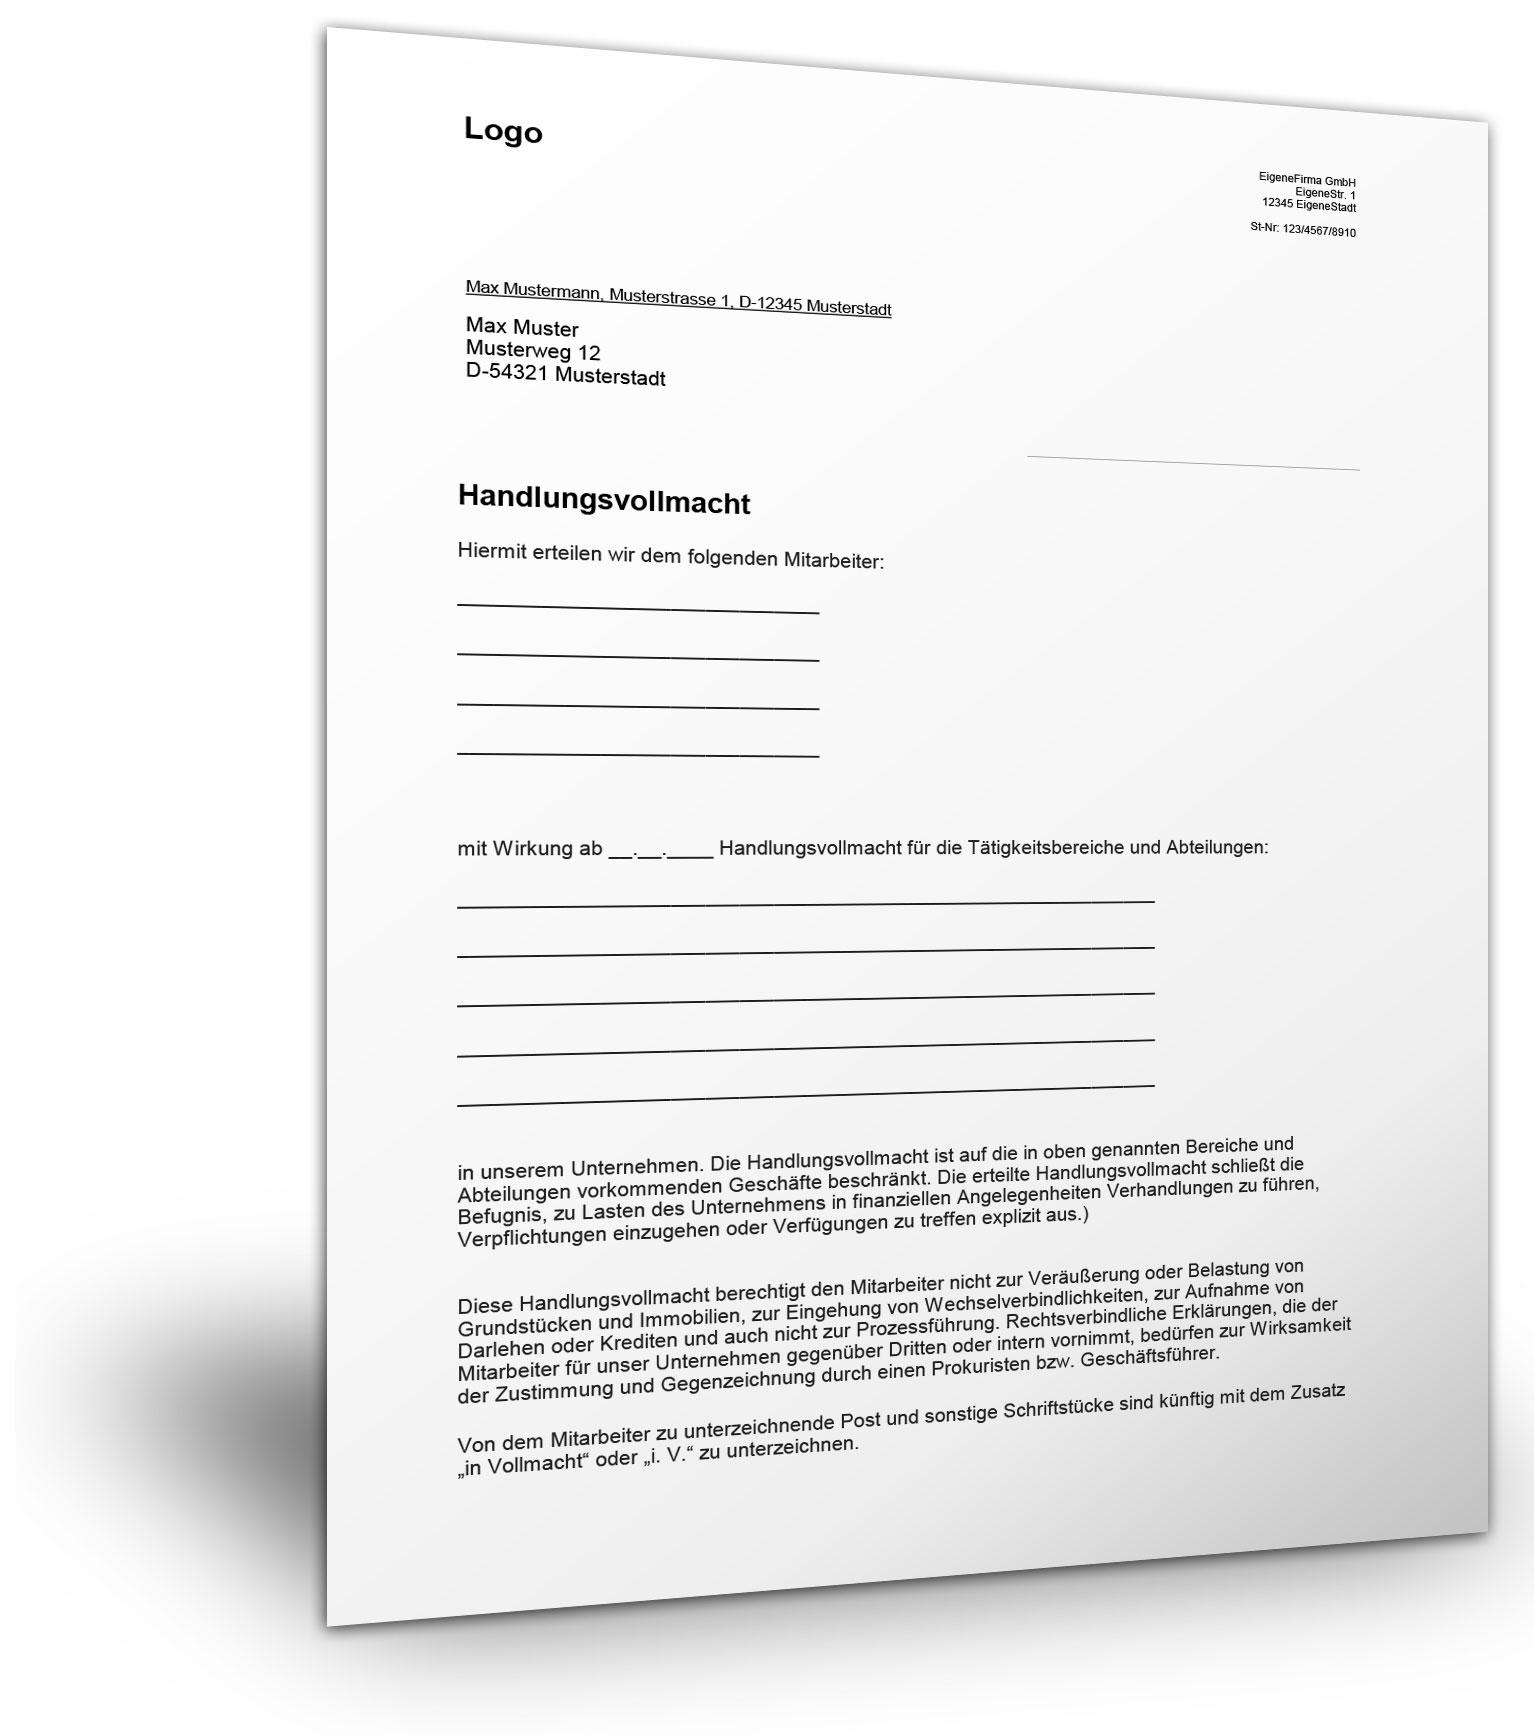 handlungsvollmacht mustervorlage - Vollmacht Schreiben Muster